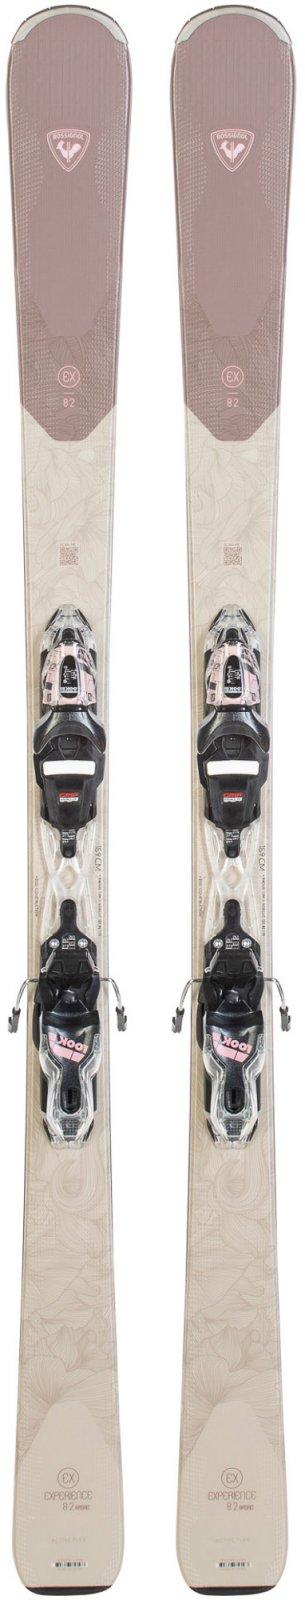 Rossignol Experience 82 Basalt W Skis + Look Xpress 11 GW Bindings 2022